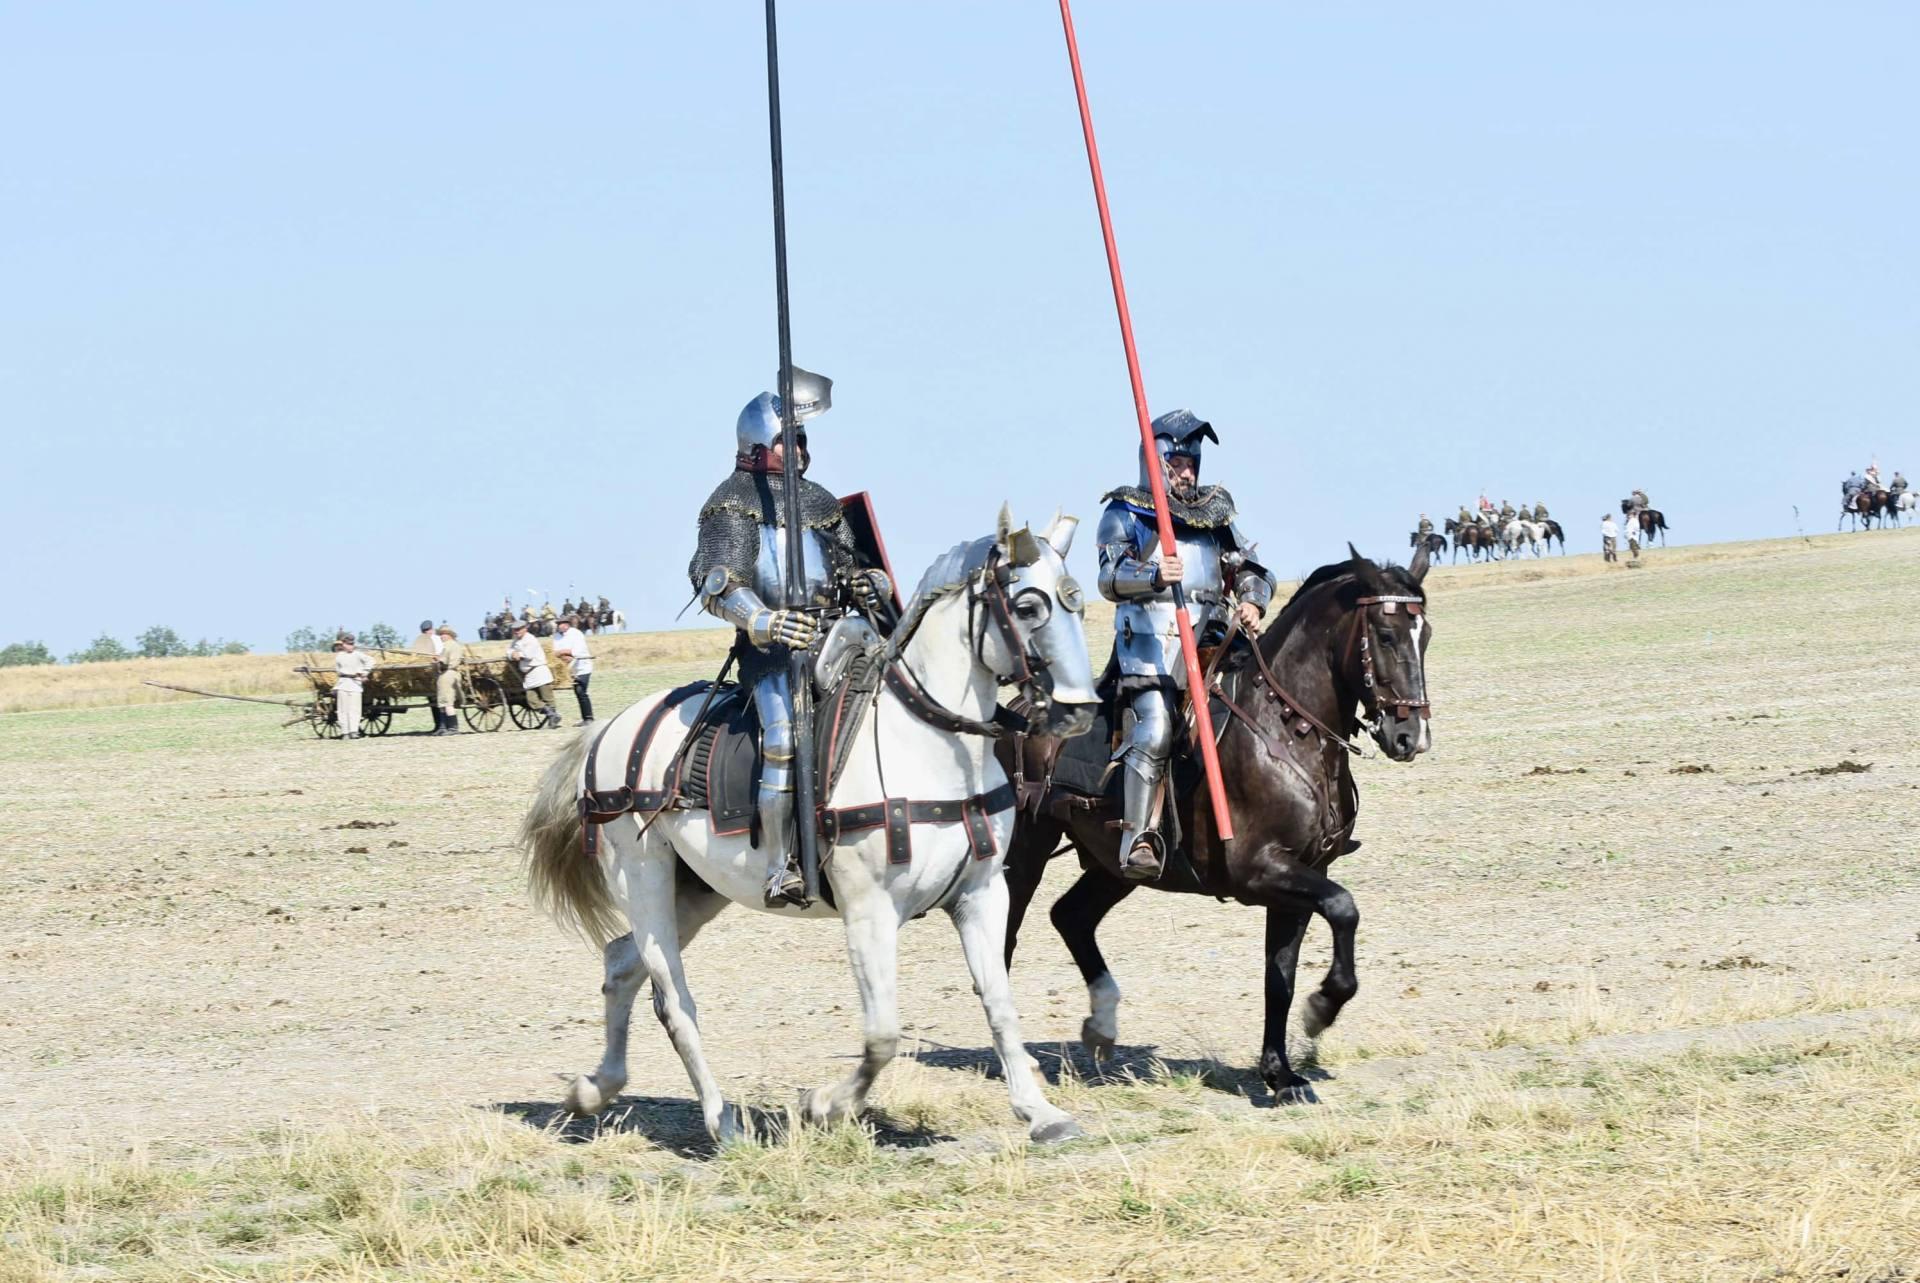 dsc 0665 Czas szabli - 100 rocznica bitwy pod Komarowem(zdjęcia)